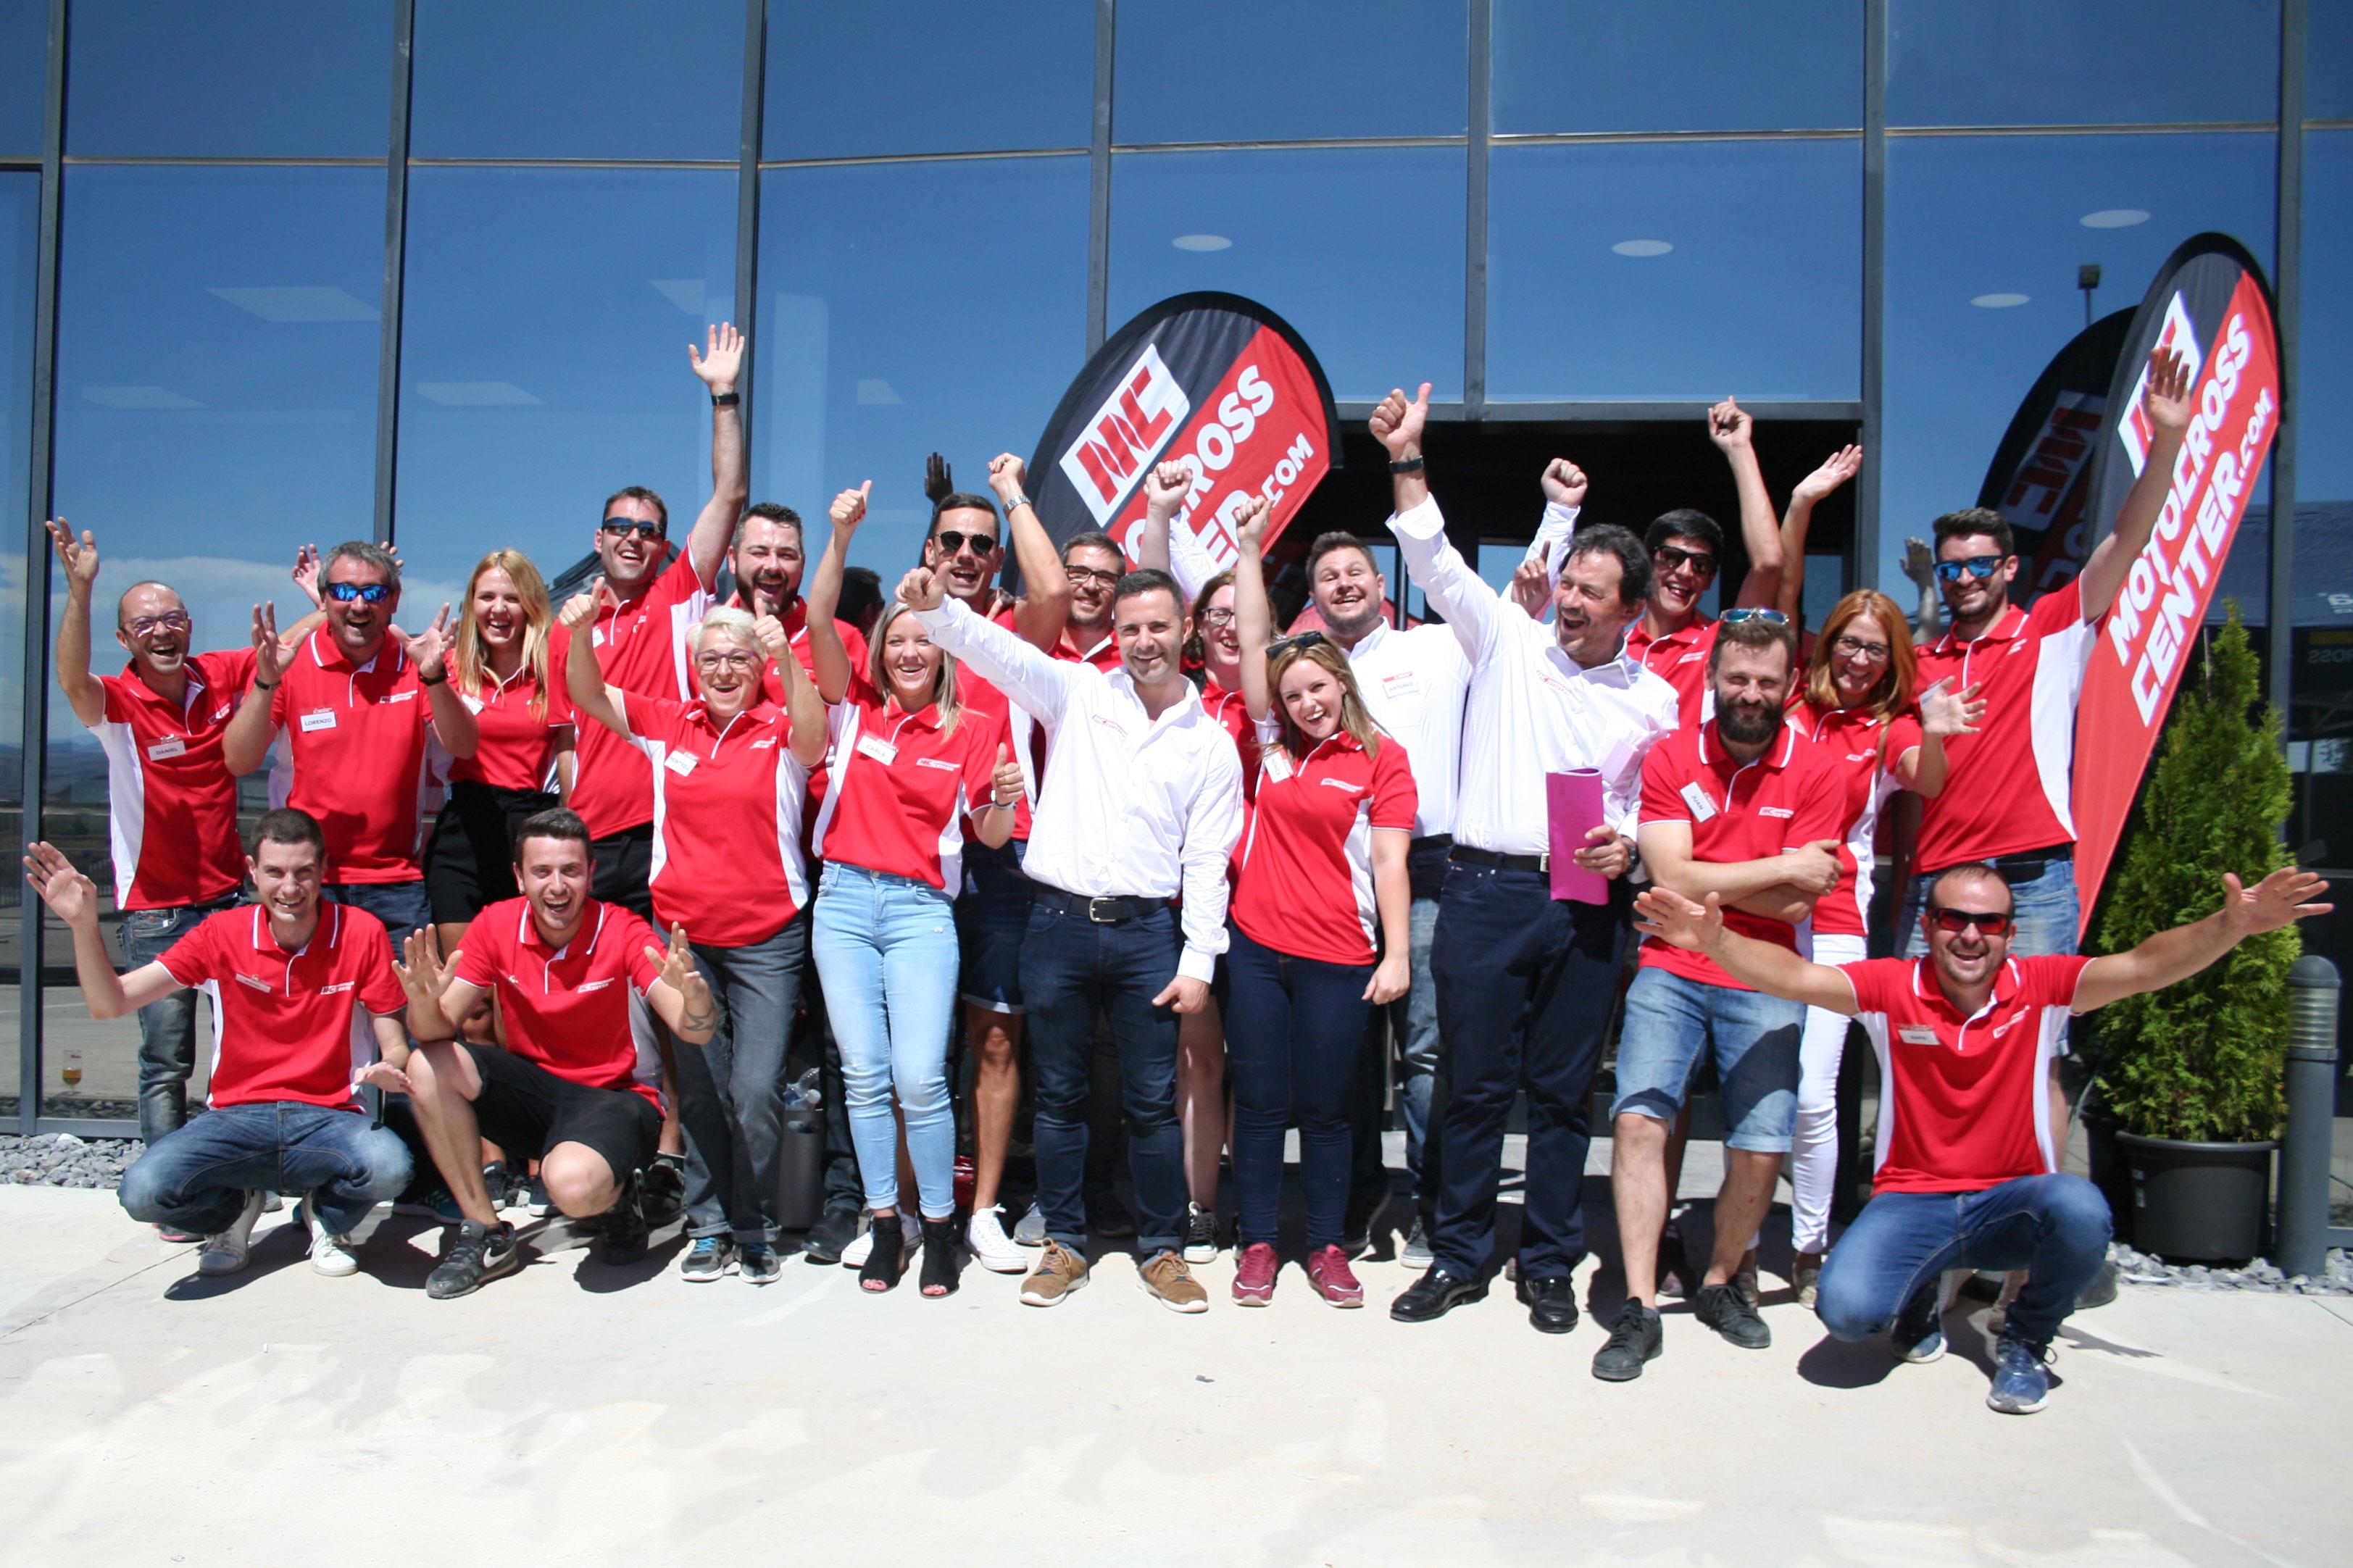 El equipo de MotocrossCenter, en el acto de inauguración de sus nuevas instalaciones el 1 de Septiembre de 2018